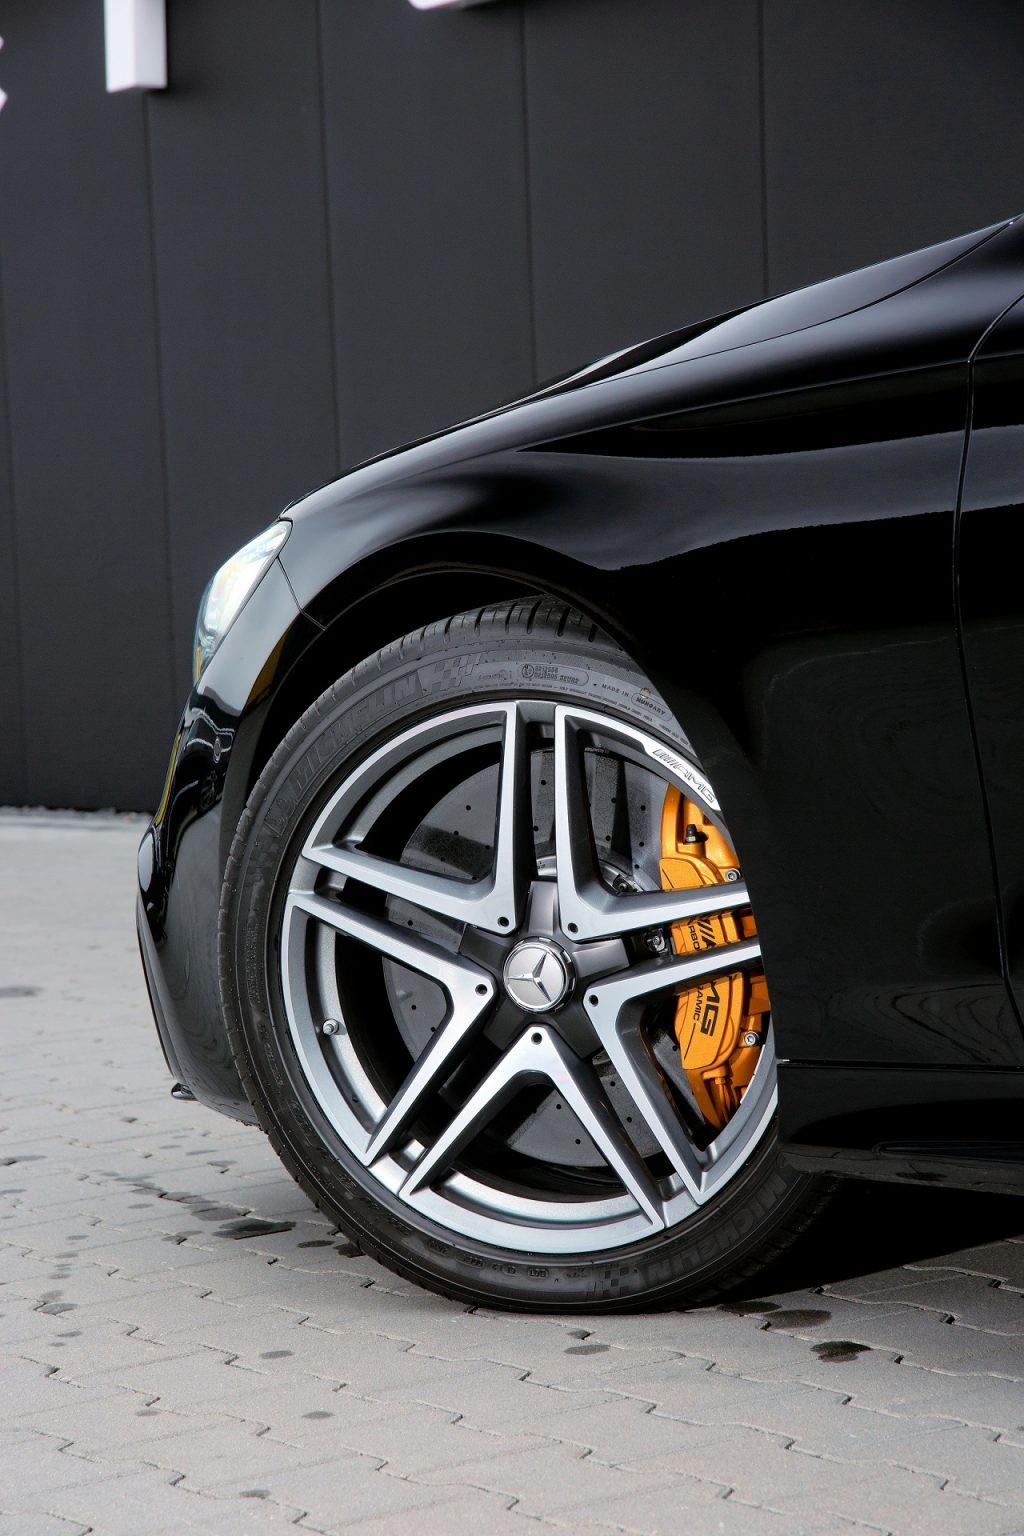 Khám phá Mercedes-AMG S63 Coupe bản độ công suất tới 1.000 mã lực